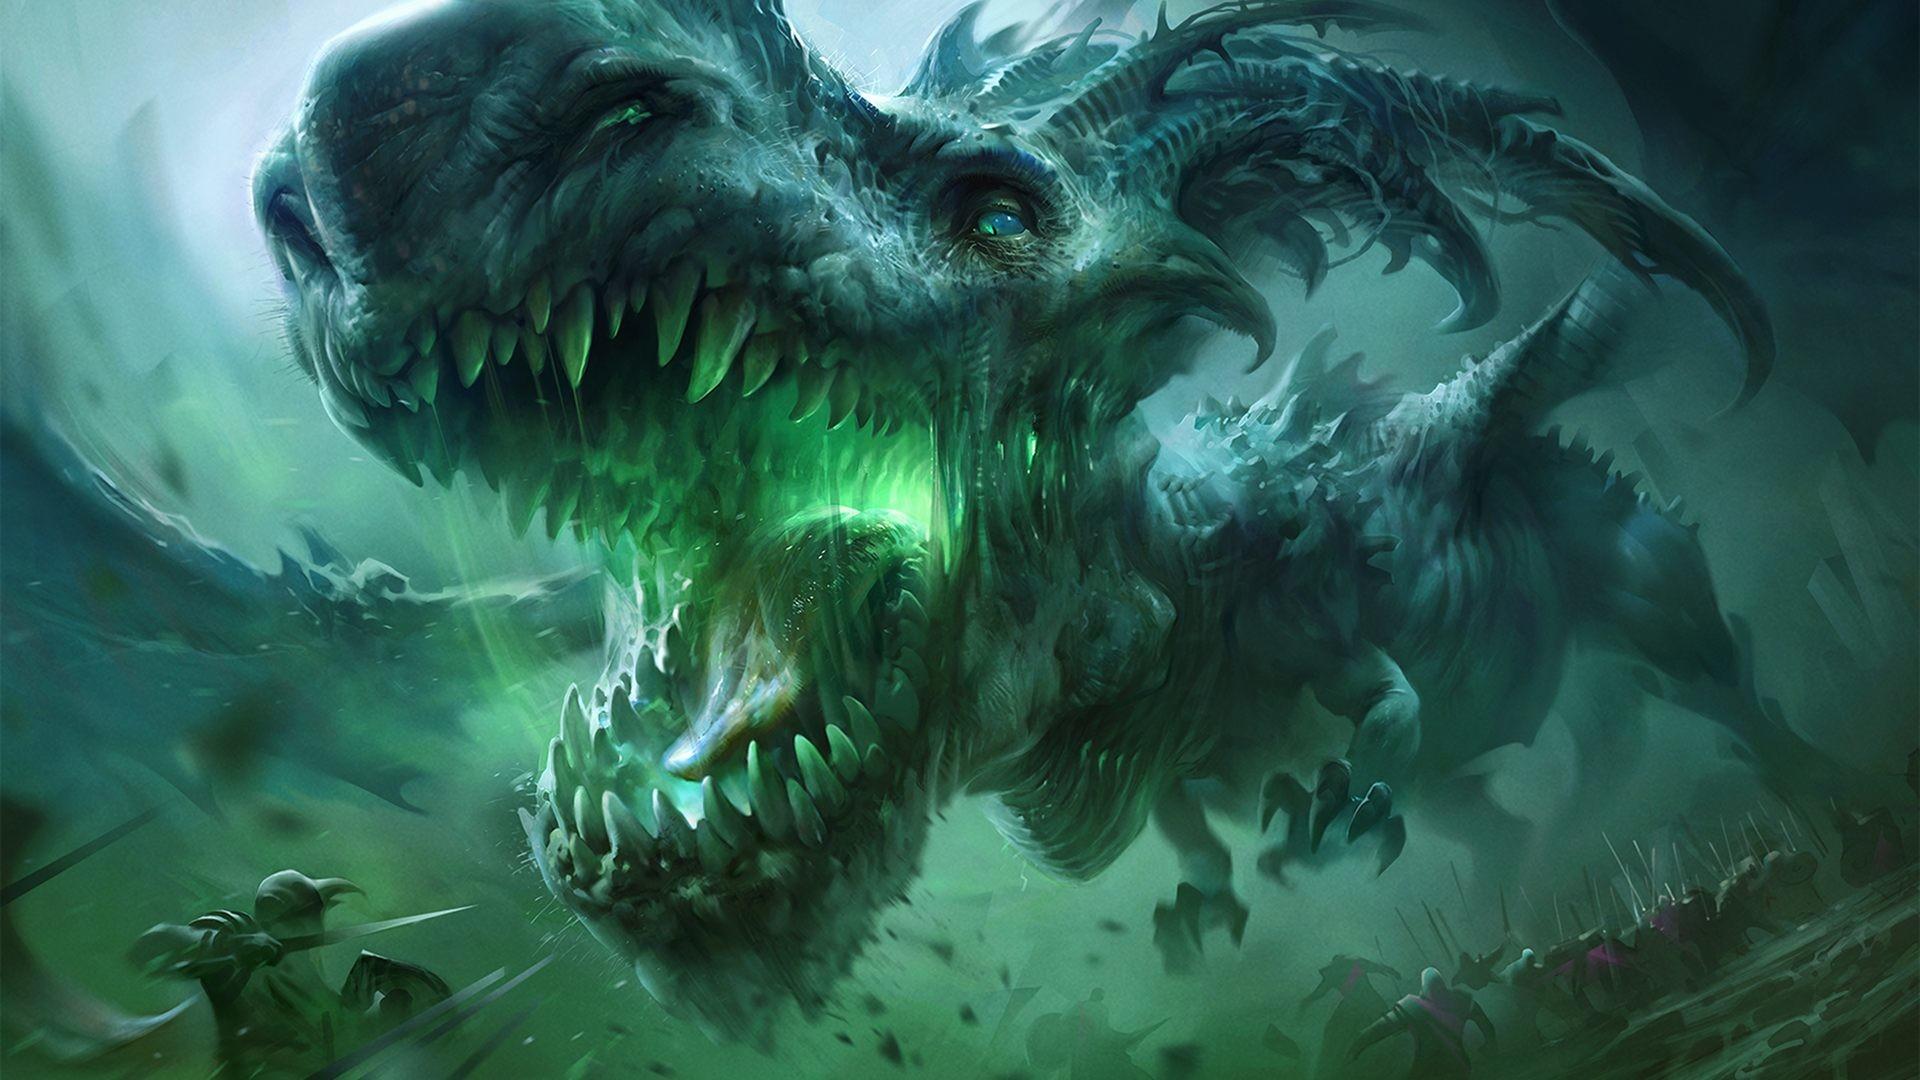 Green dragon wallpaper 71 images - Images de dragons ...